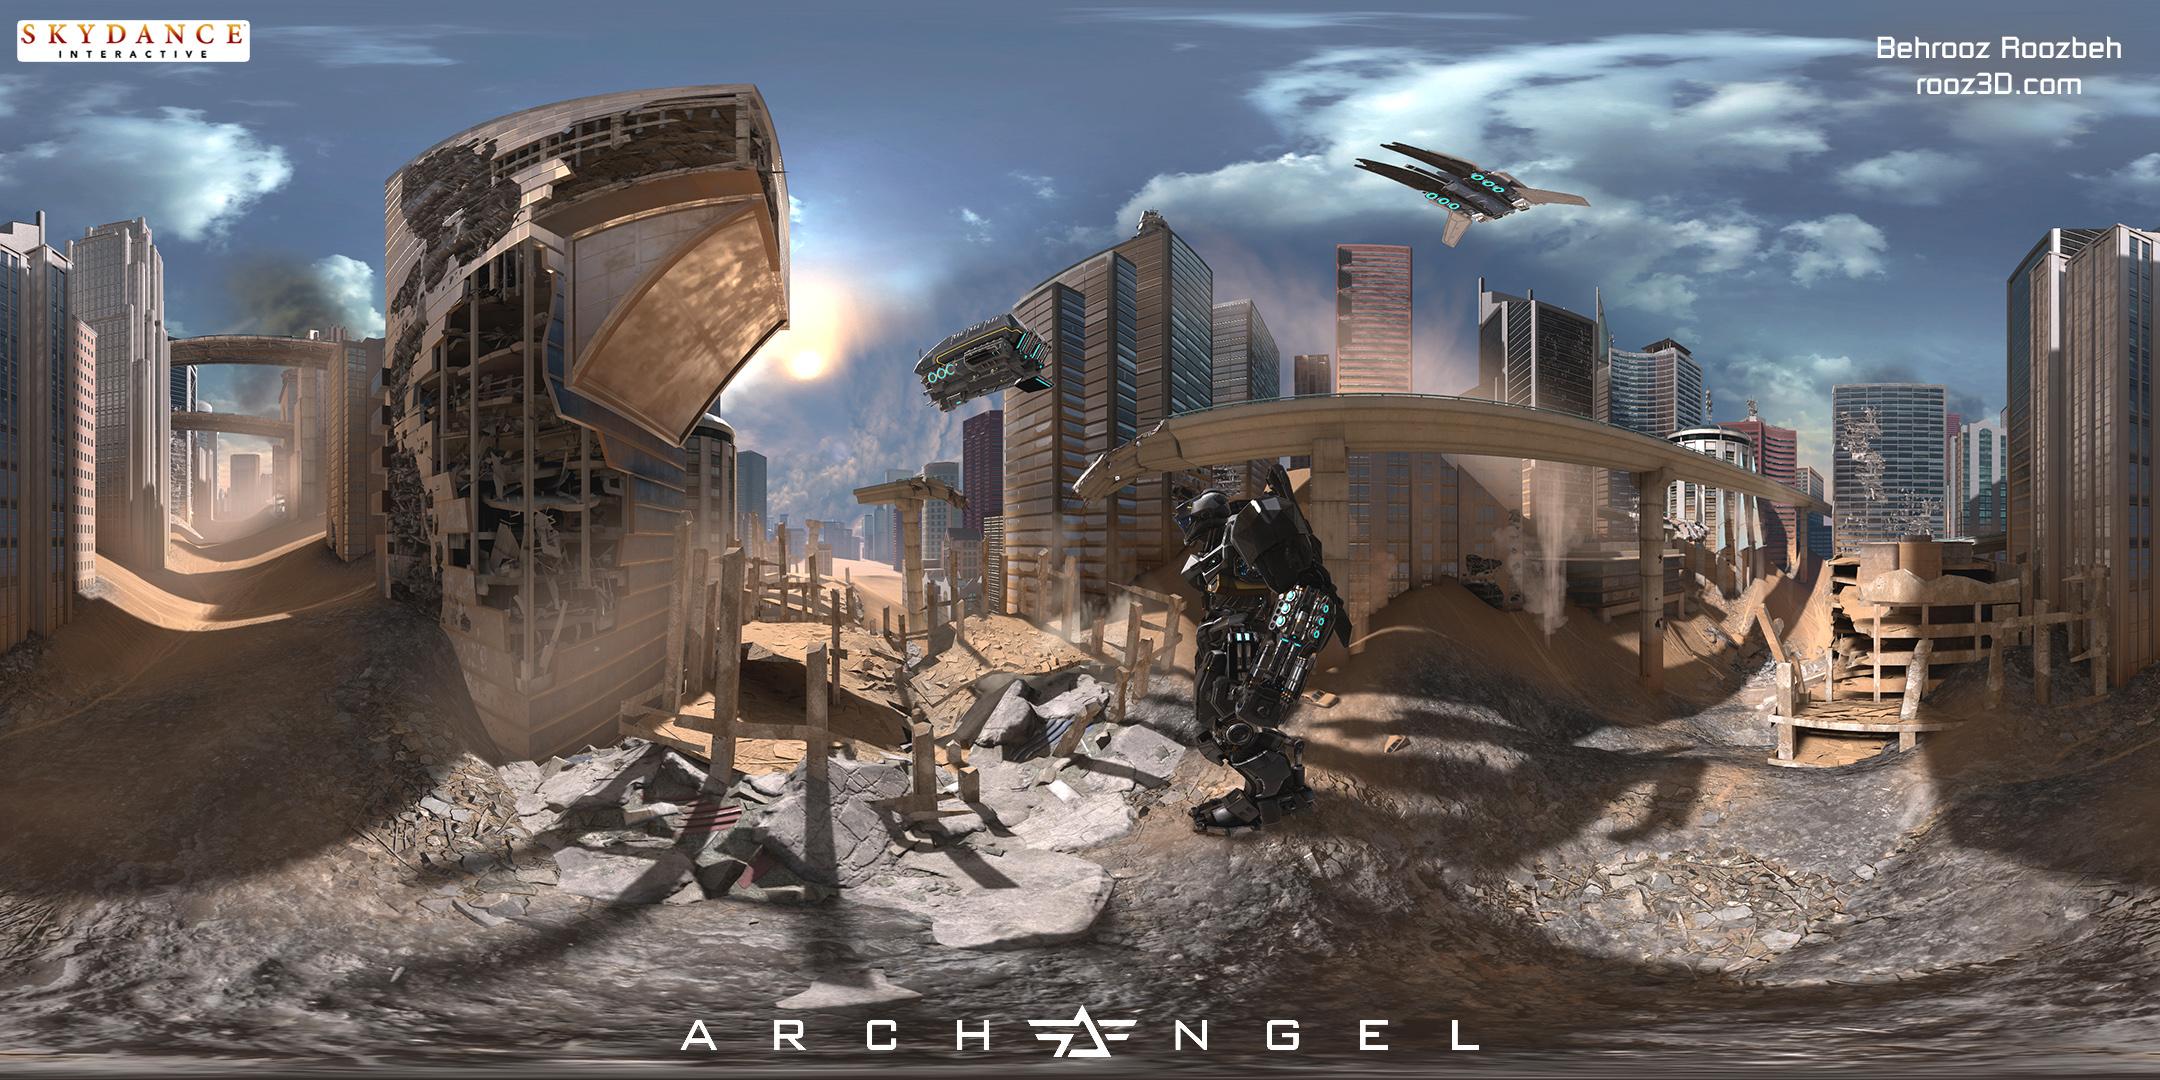 Archangel_VR_03.jpg